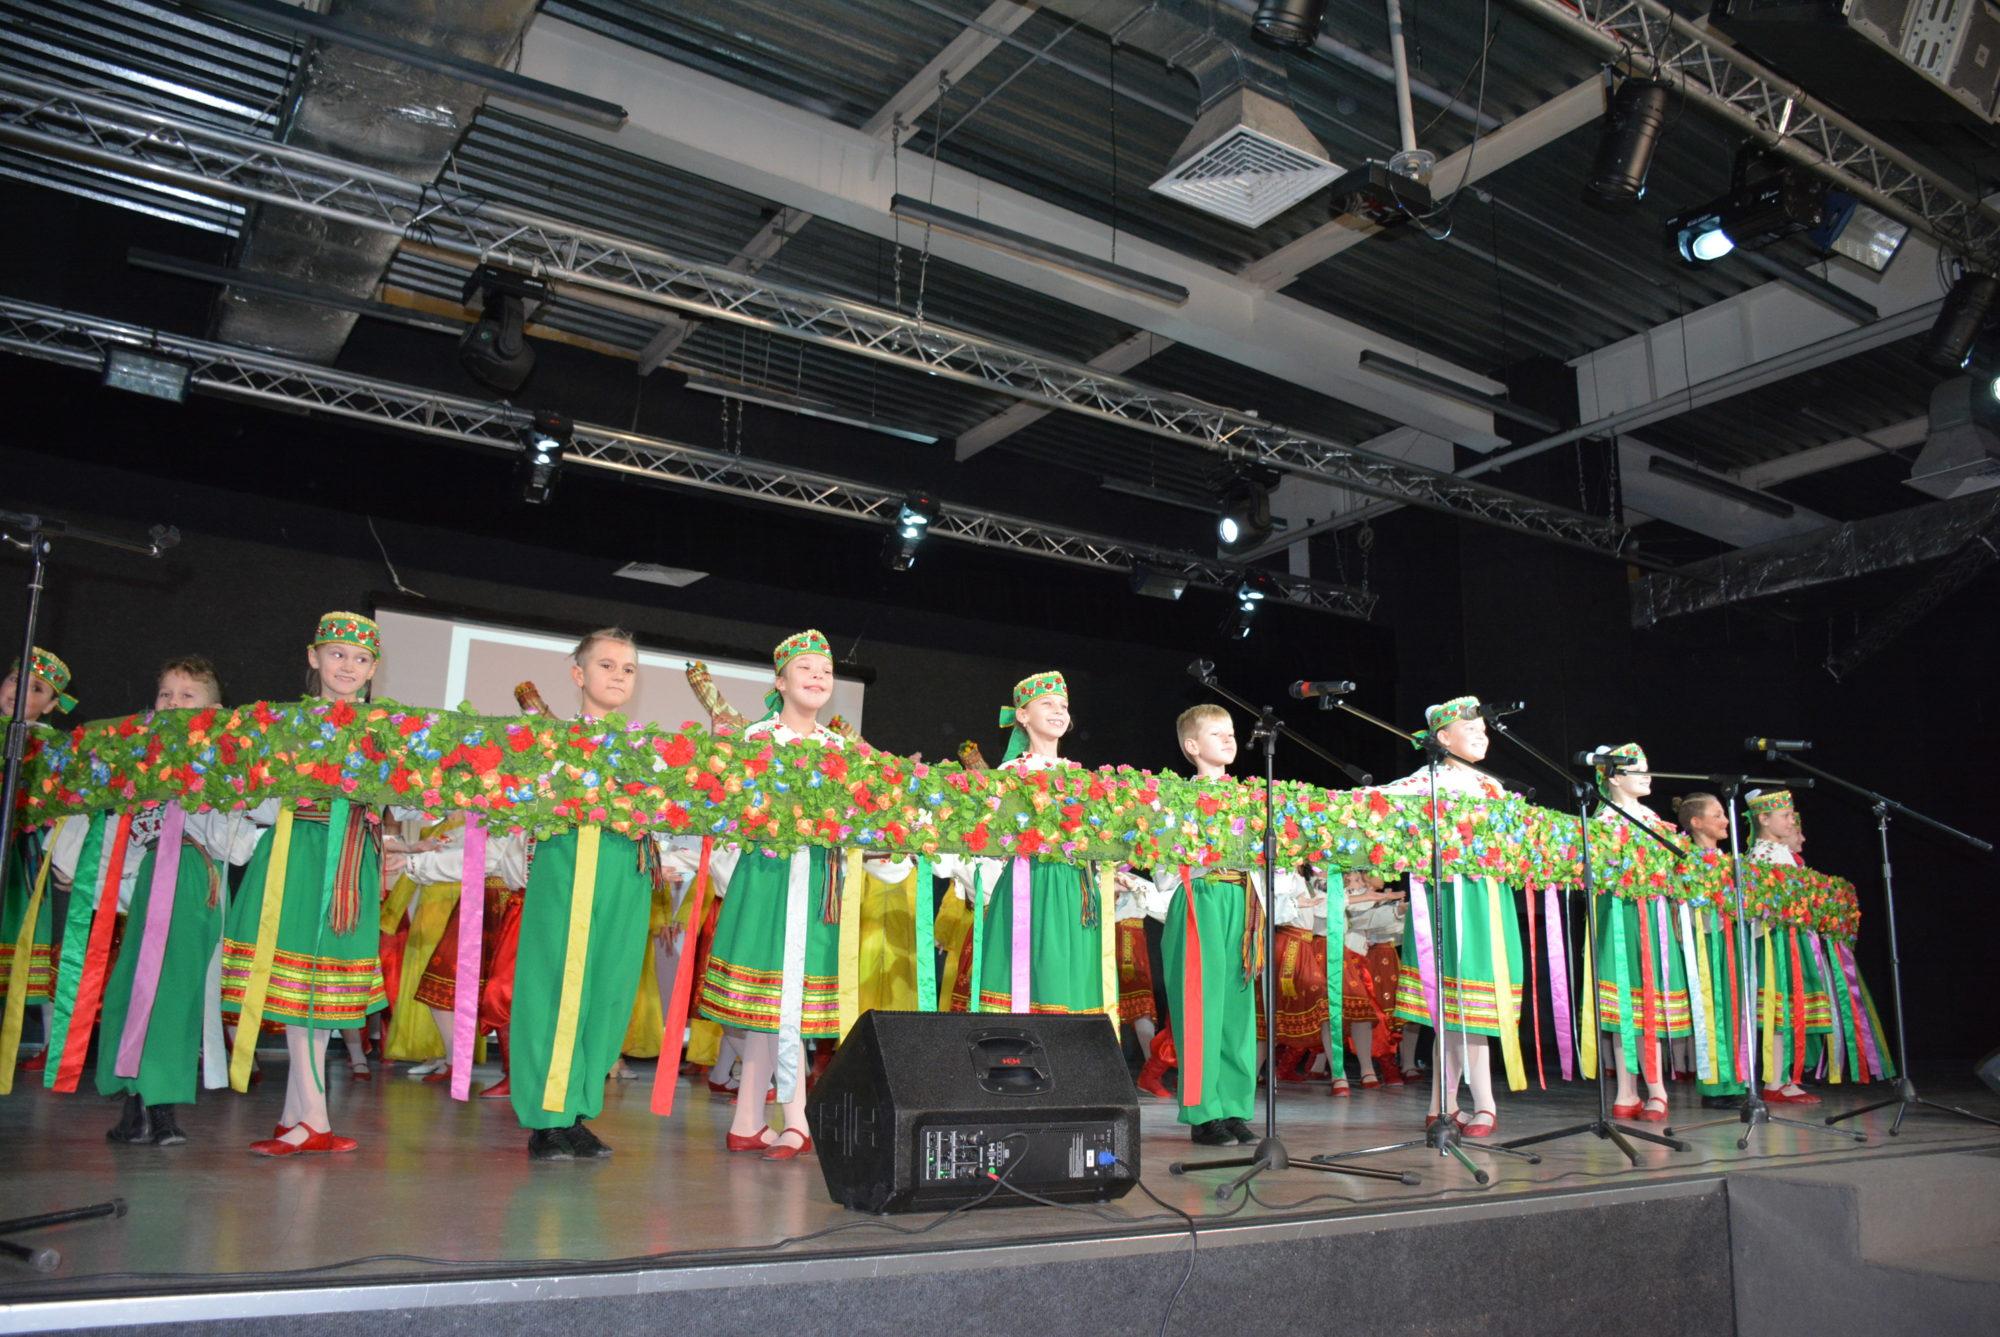 Міжнародний благодійний фестиваль-конкурс дитячої та юнацької творчості «Inna-Brovary» в Броварах -  - DSC 5200 2000x1337